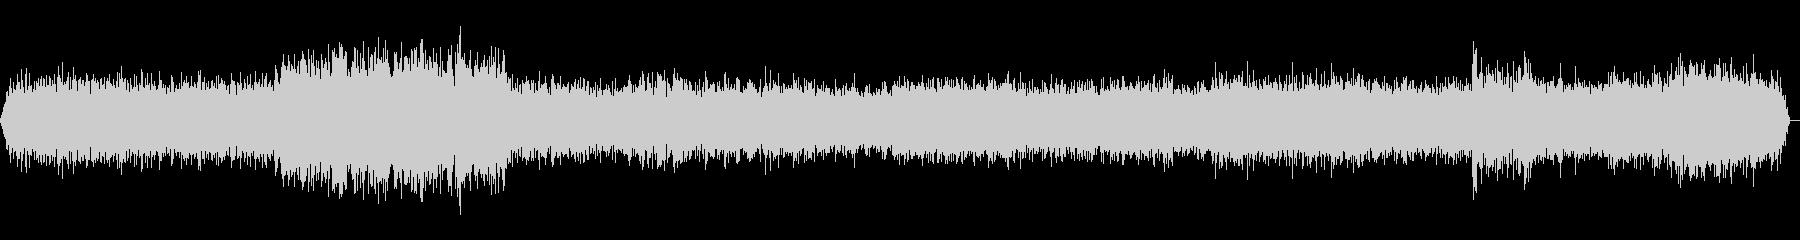 新幹線車内走行音 環境音(ステレオ)の未再生の波形